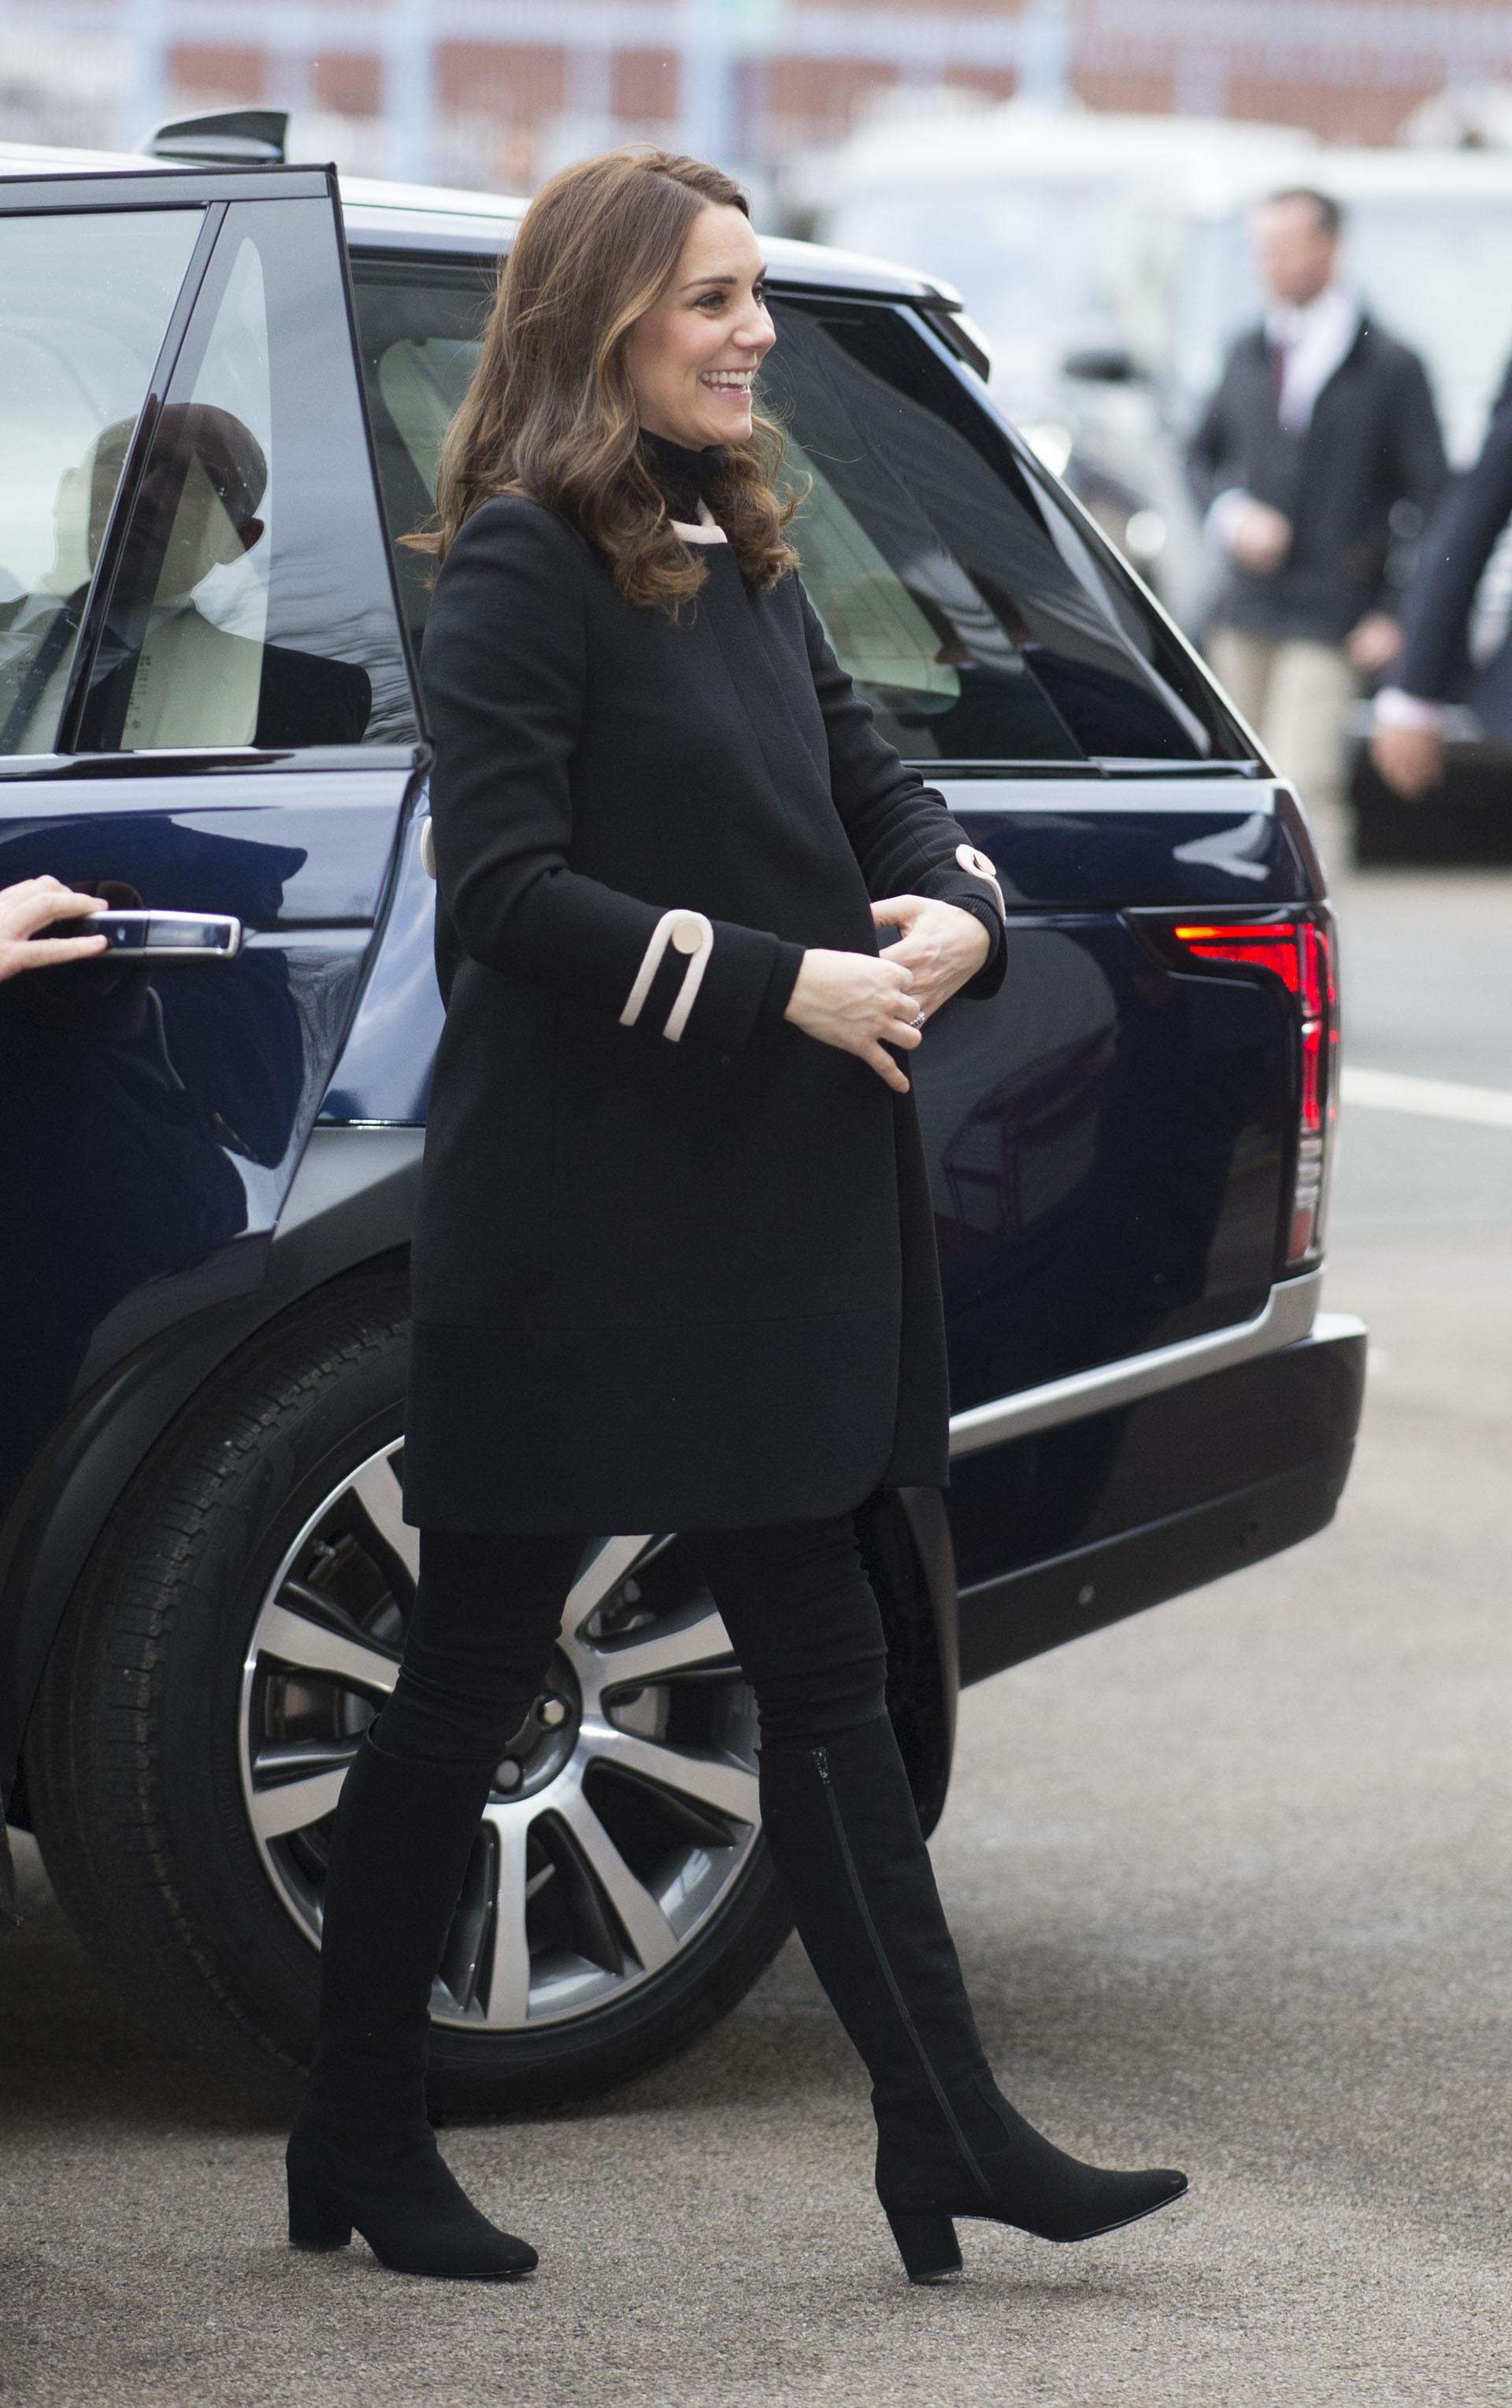 La duquesa lució un completo look en negro y, a través de su tapado, dejó asomar su panza de embarazada